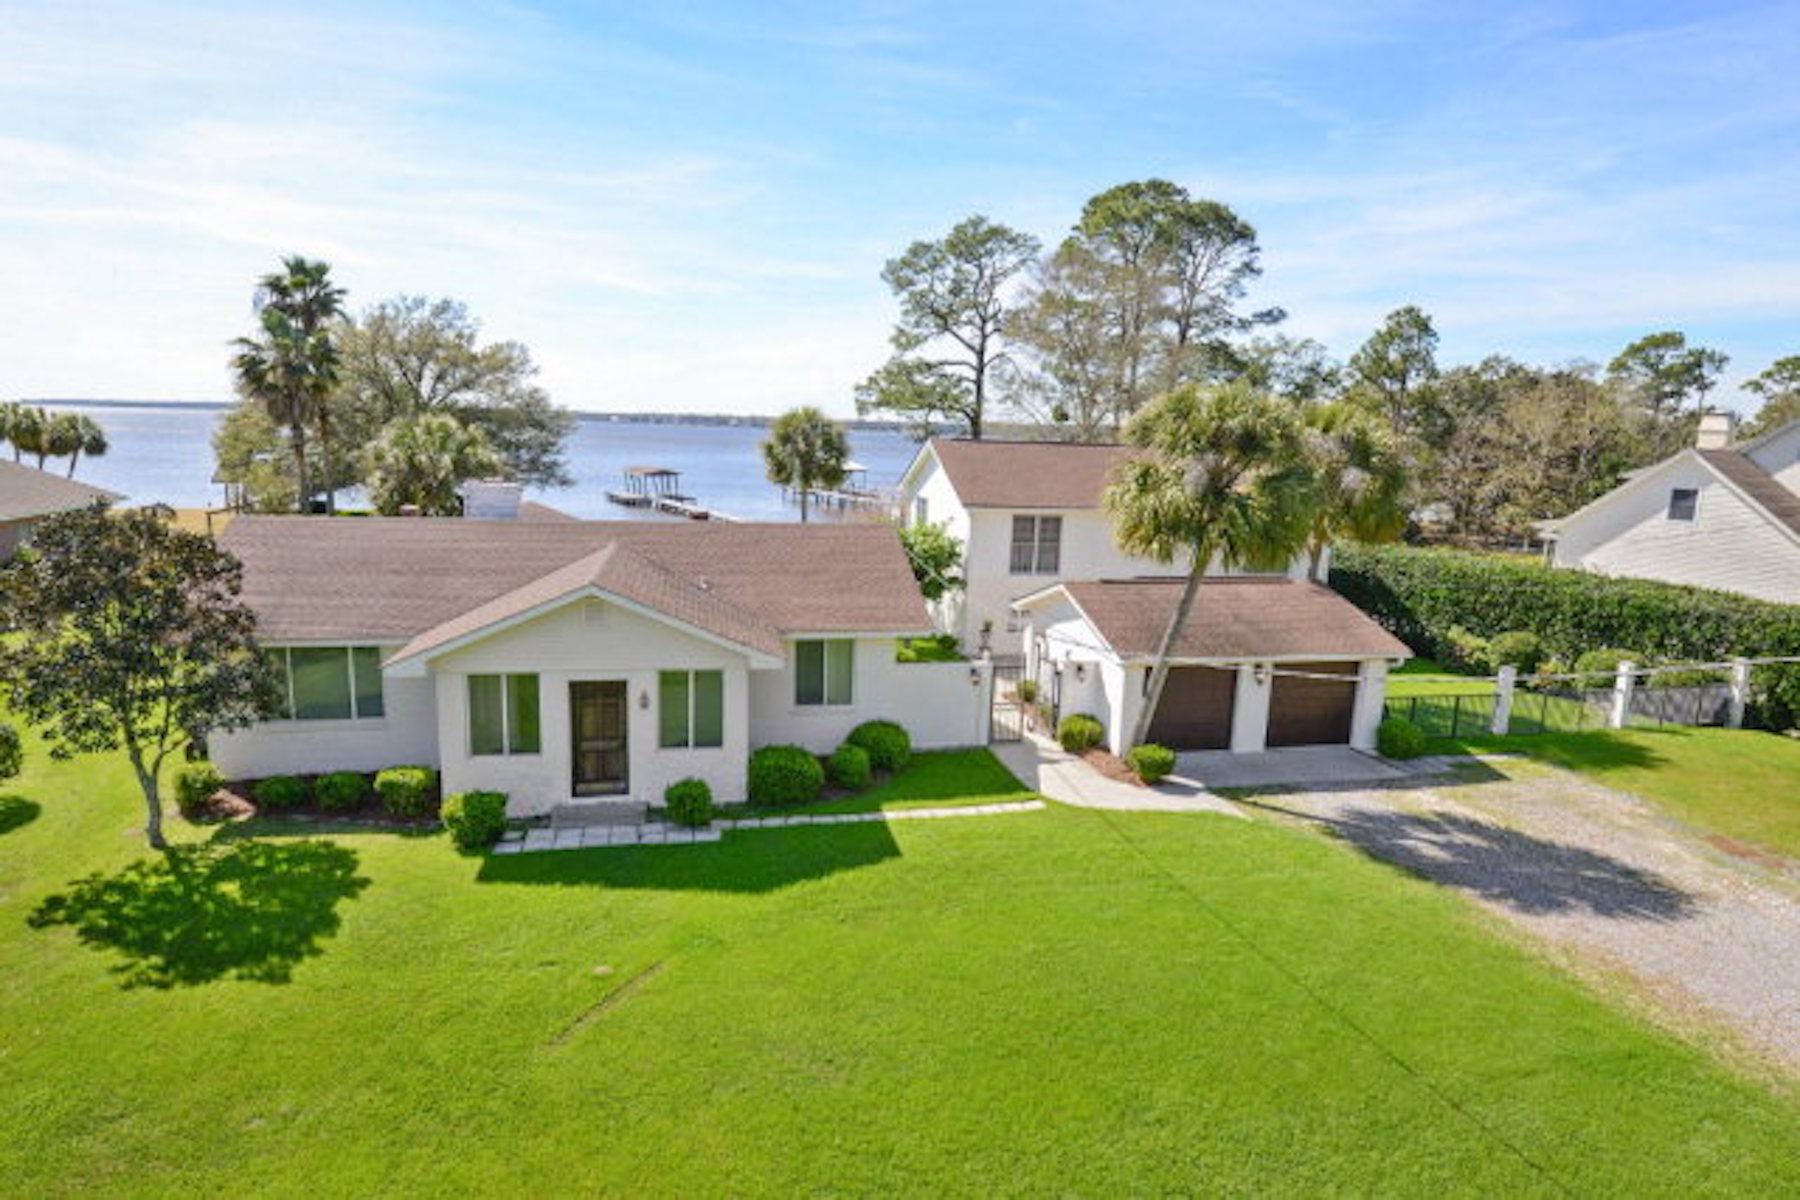 Maison unifamiliale pour l Vente à Florida Bayfront Home 1079 Perdido Manor Pensacola, Florida, 32506 États-Unis